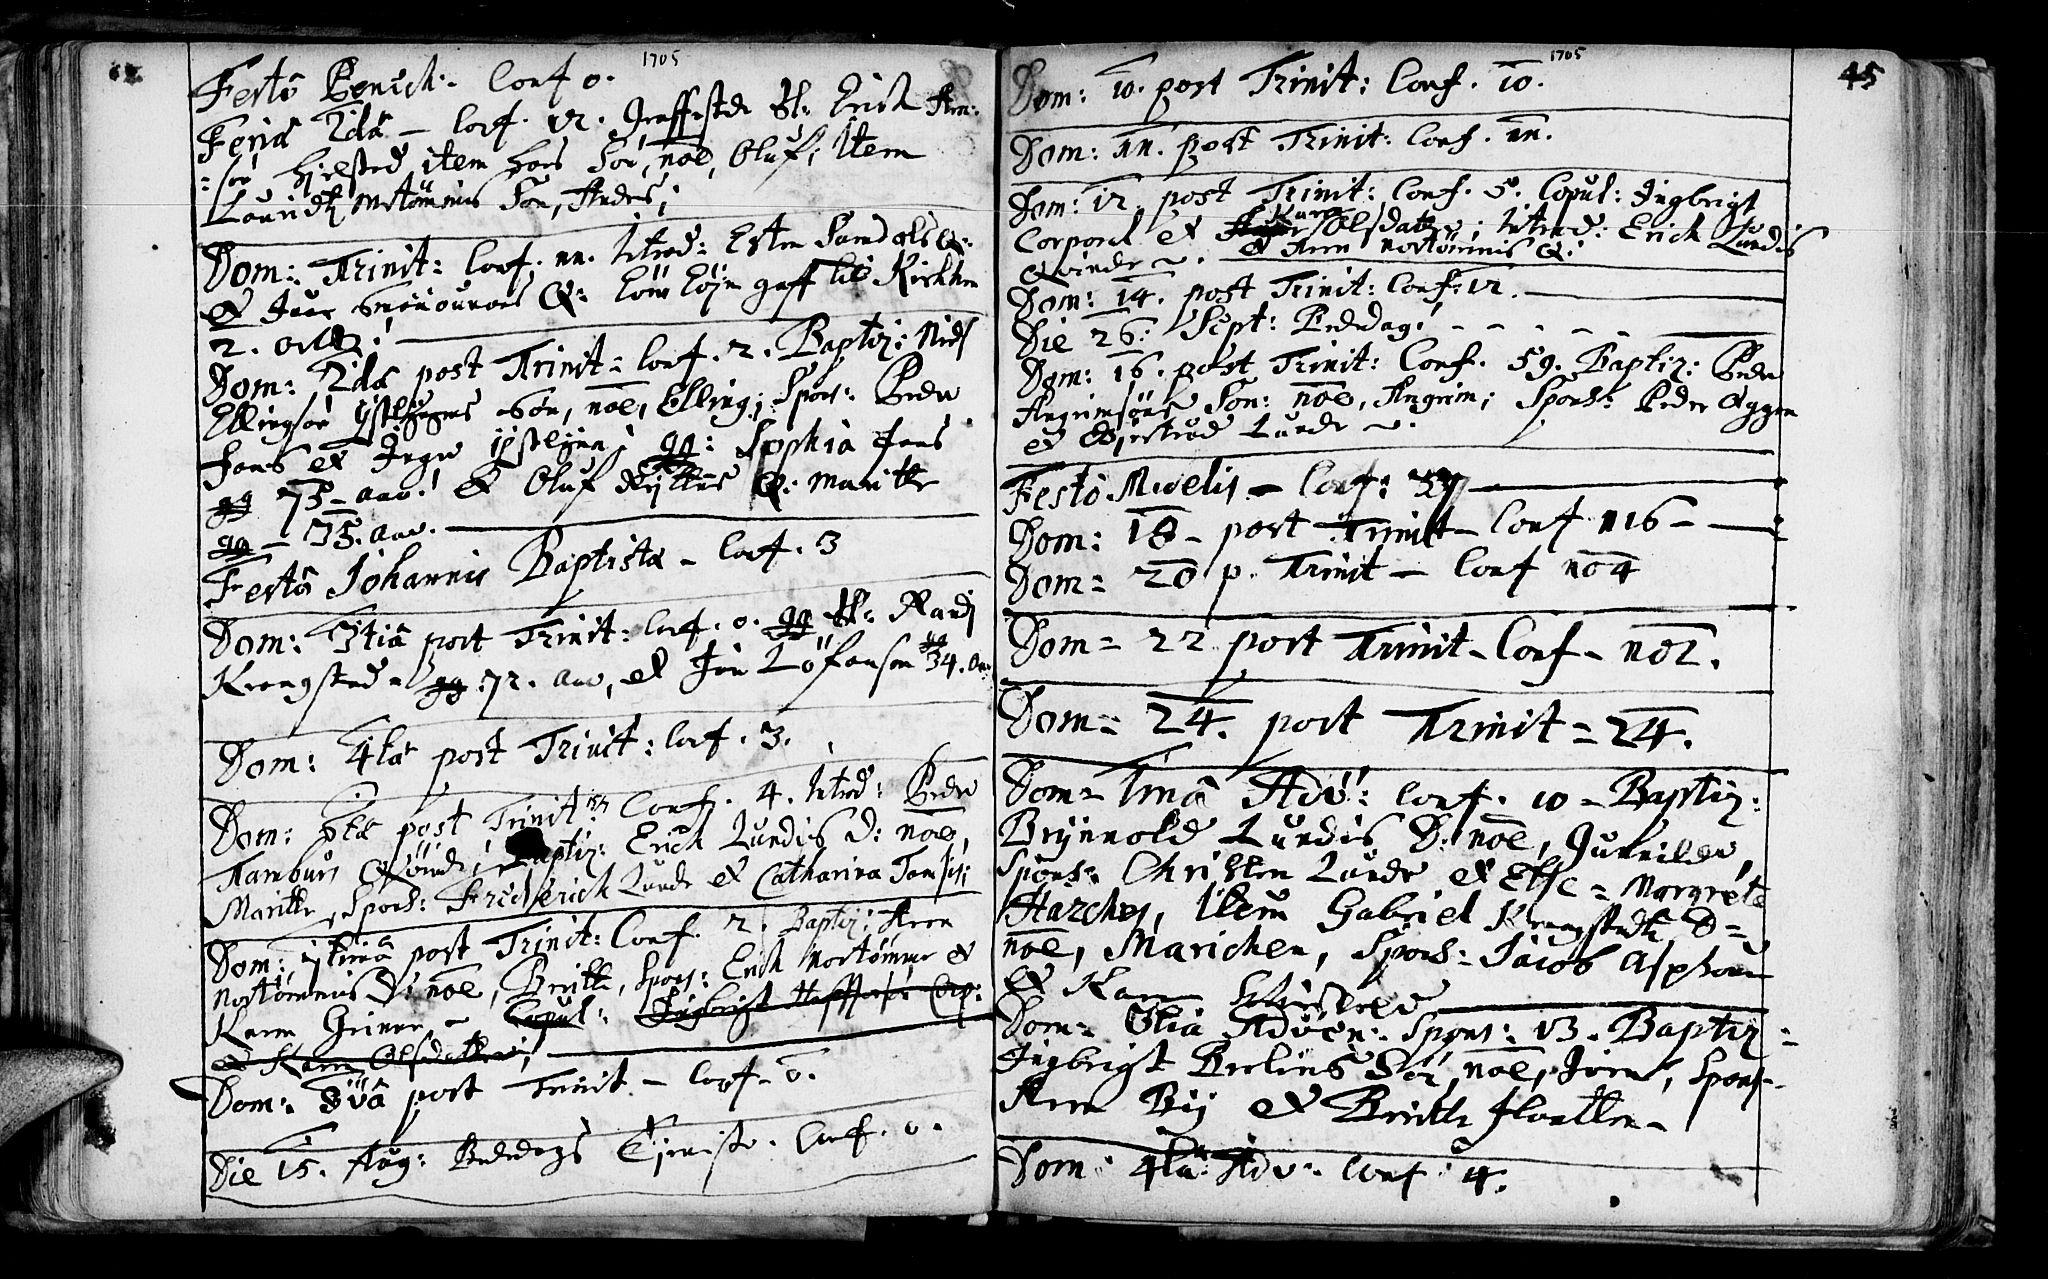 SAT, Ministerialprotokoller, klokkerbøker og fødselsregistre - Sør-Trøndelag, 692/L1101: Ministerialbok nr. 692A01, 1690-1746, s. 45